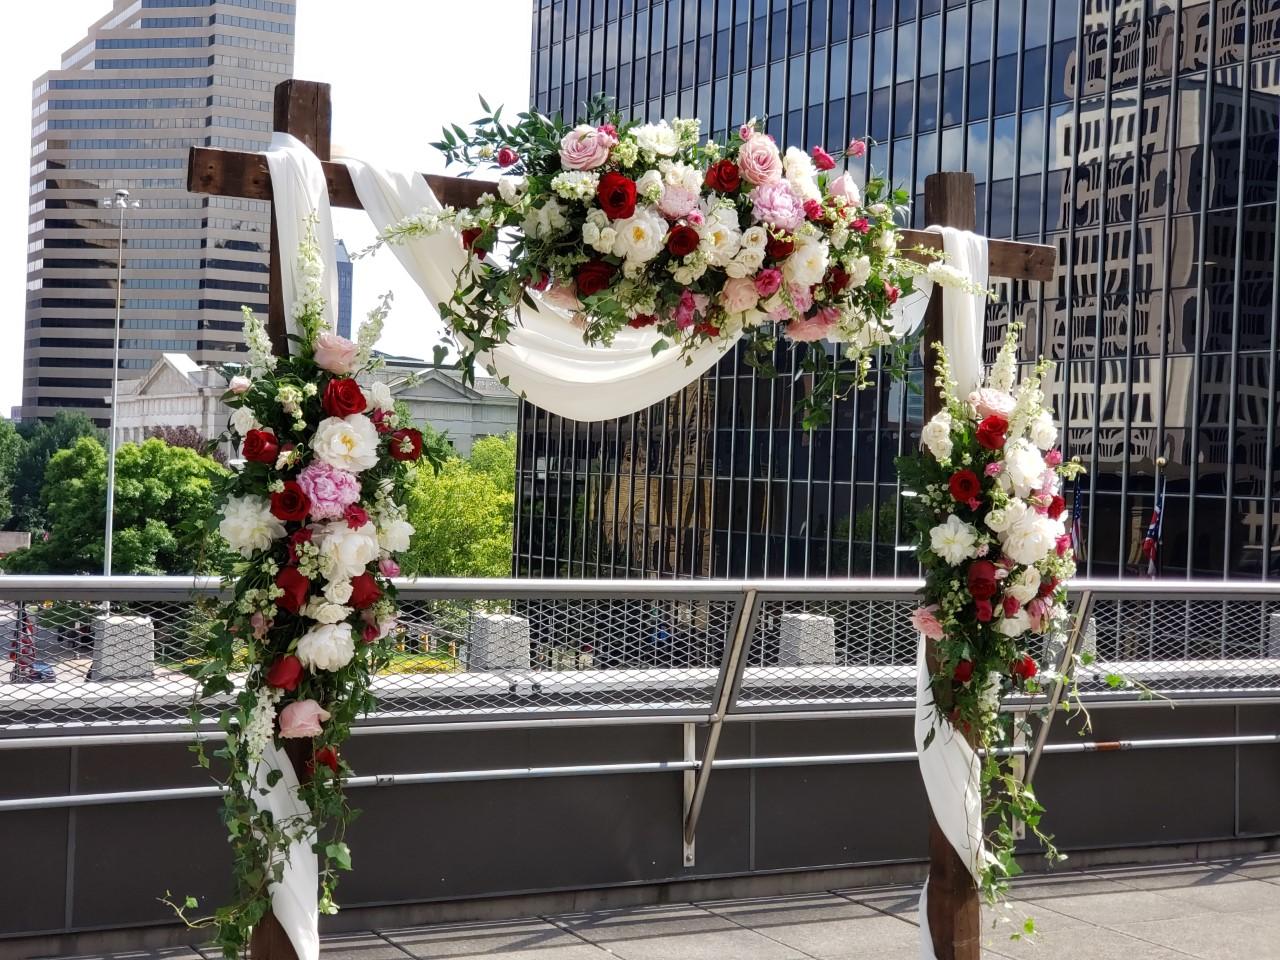 wedding event decor rental in columbus ohio